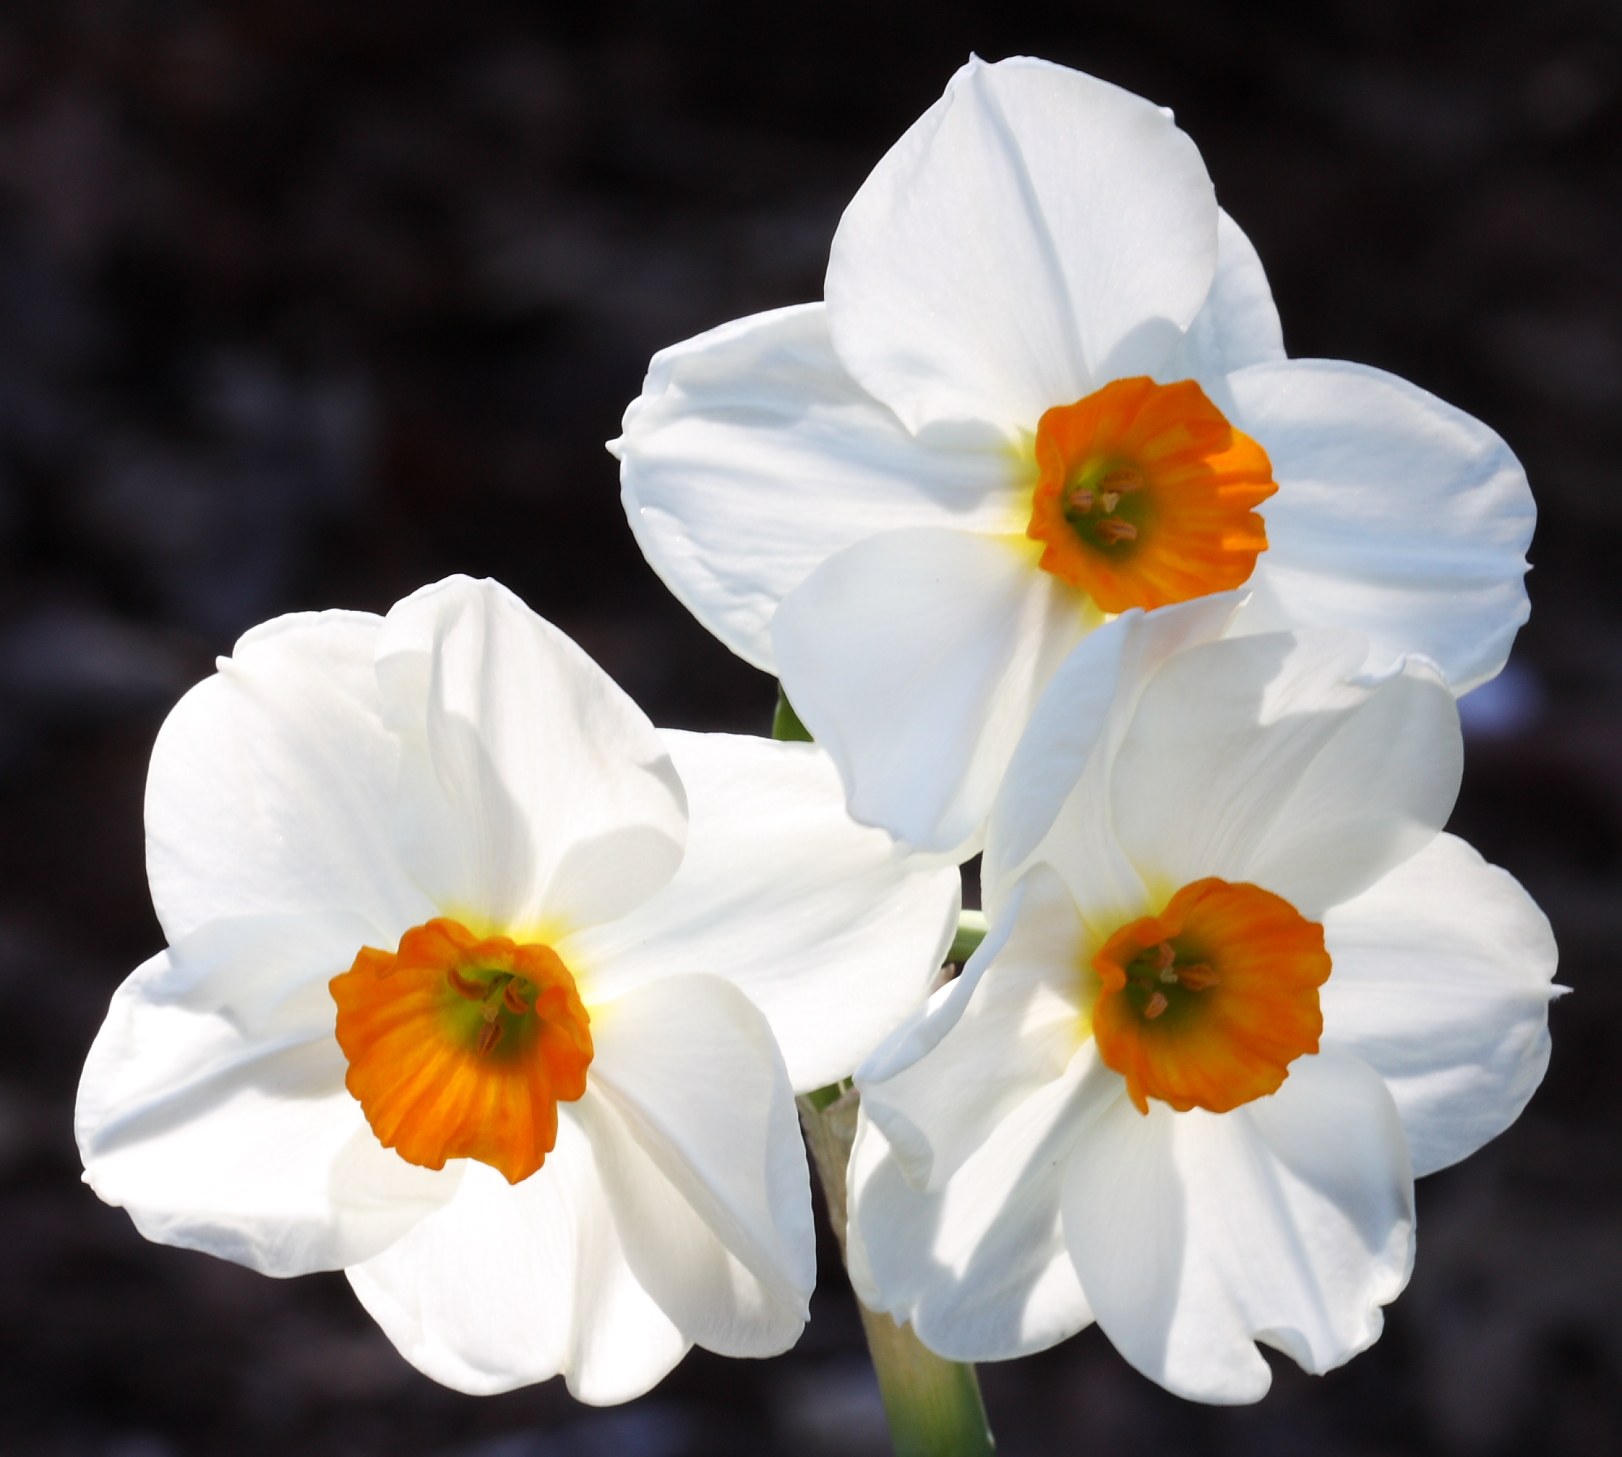 White narcissus